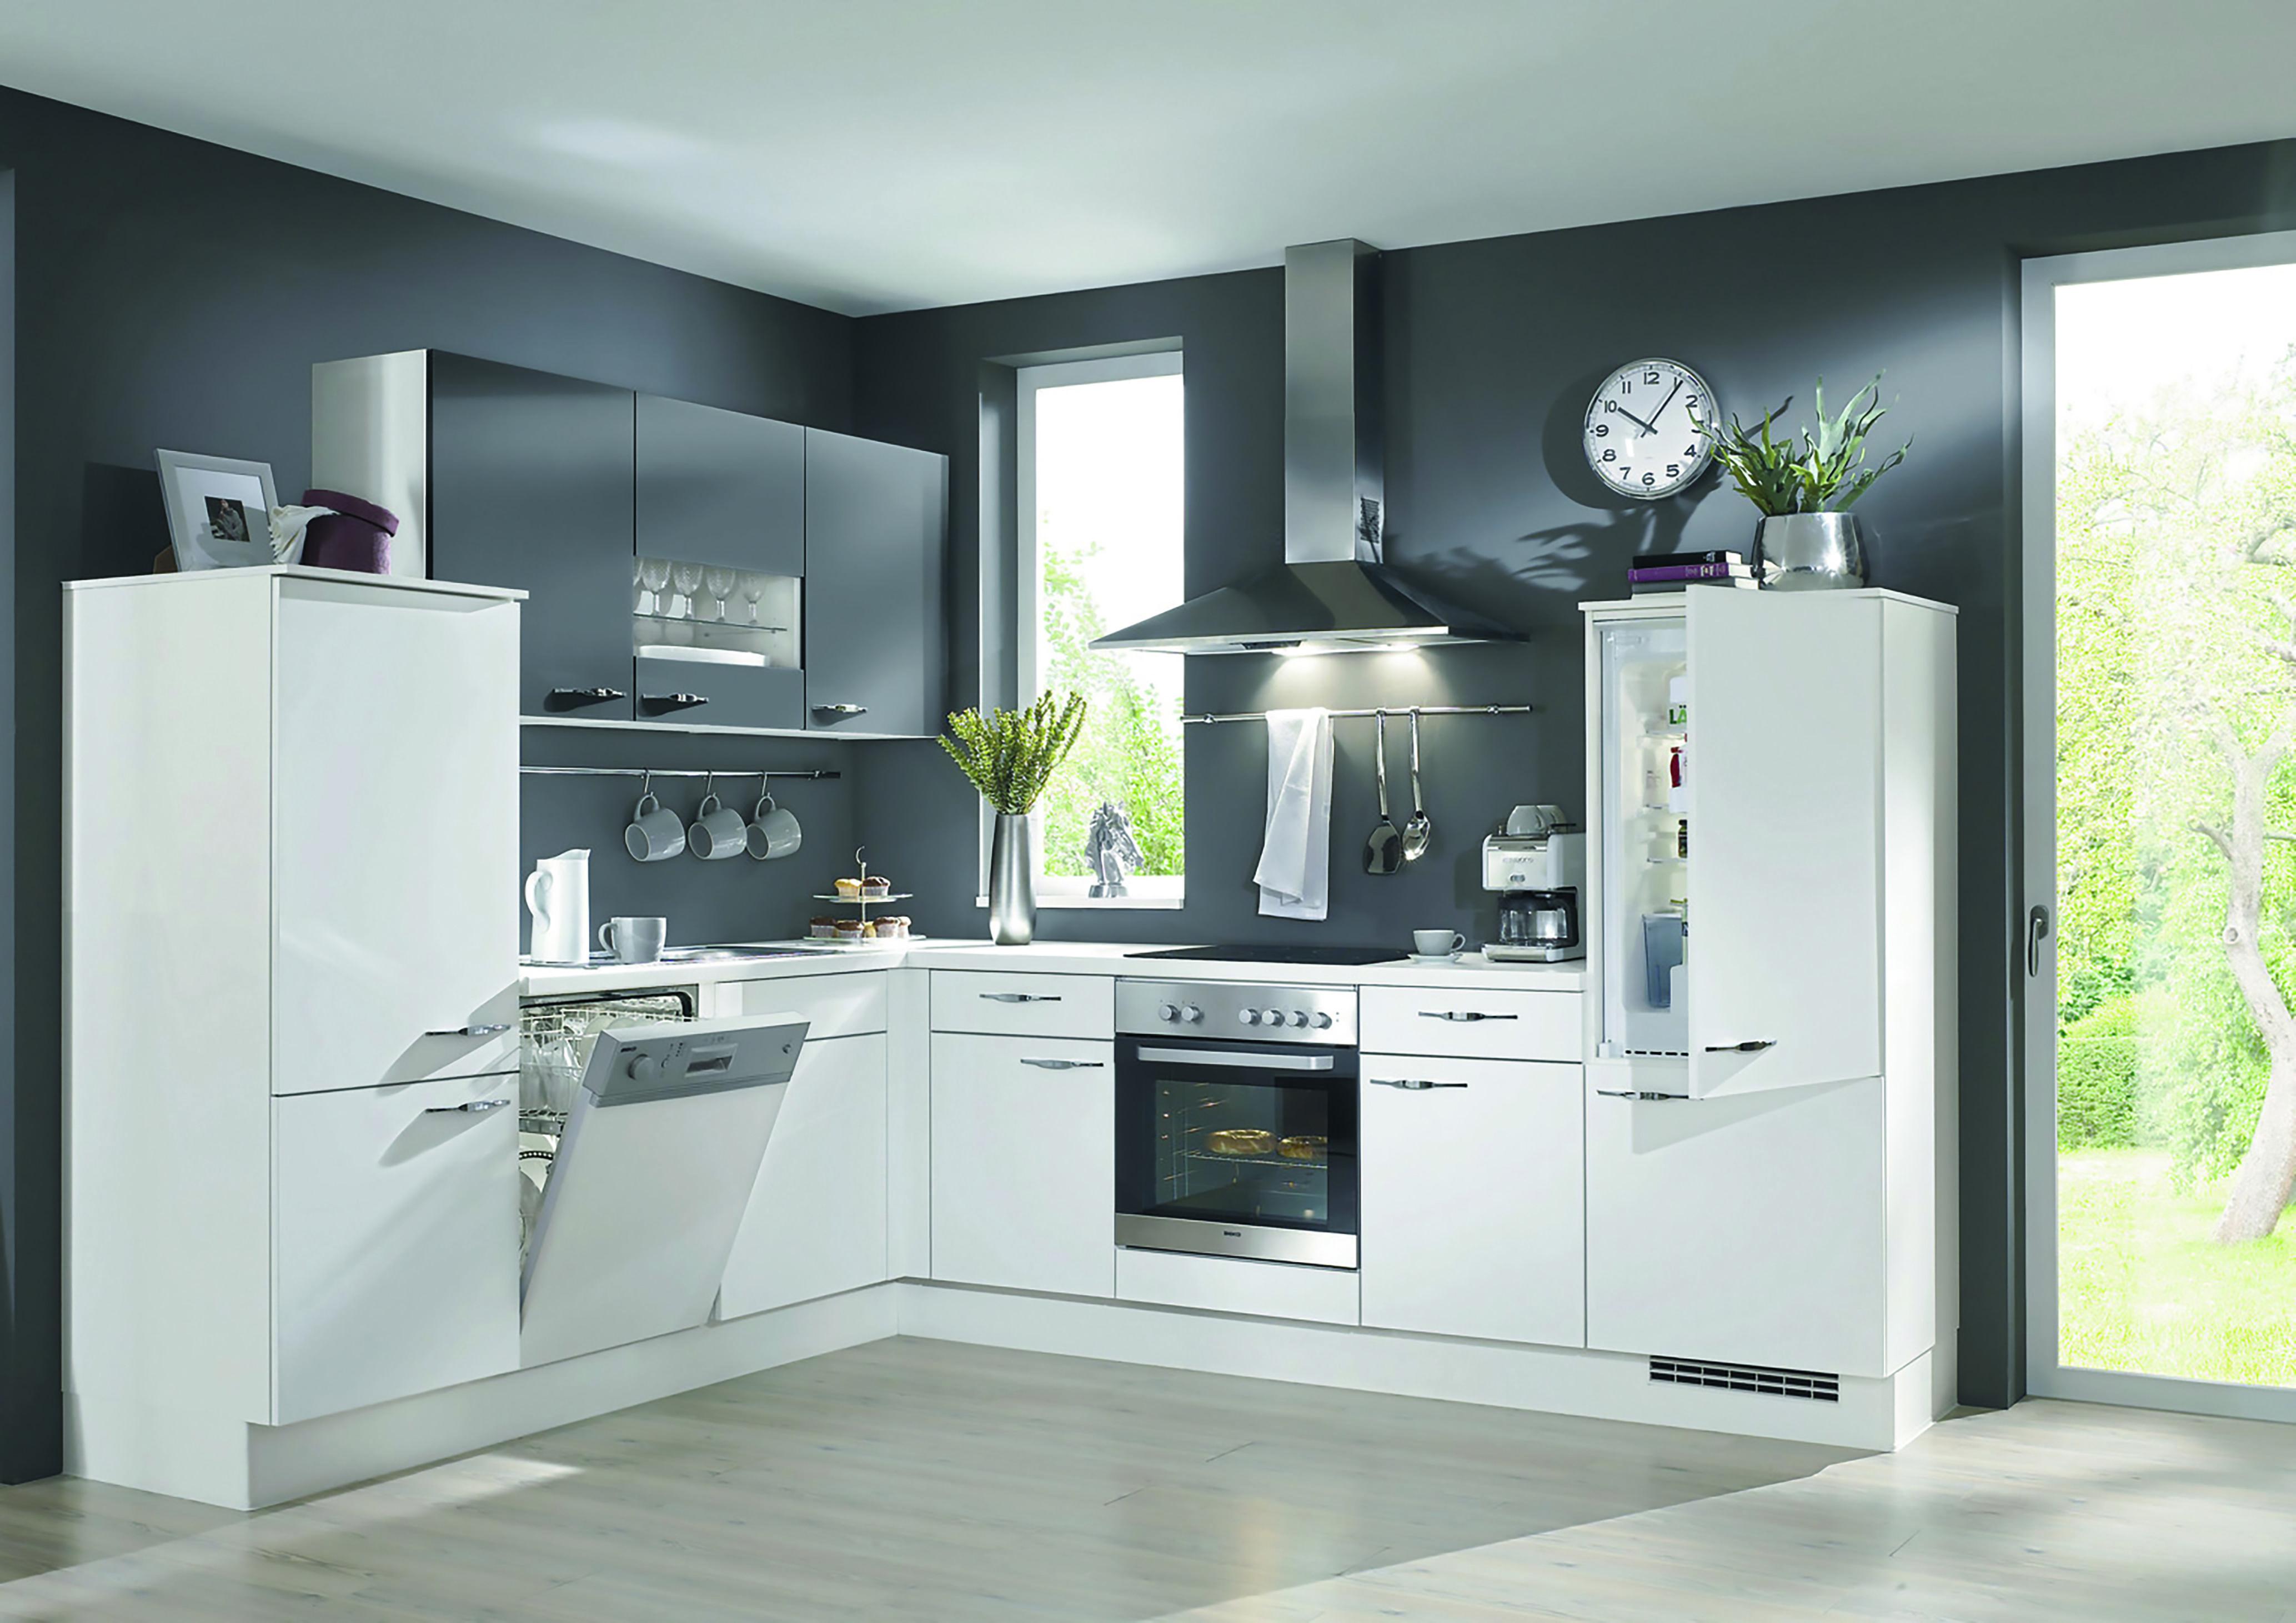 Ikea Küchen Schrank Türen  Wohnzimmer Schrankwand Eiche